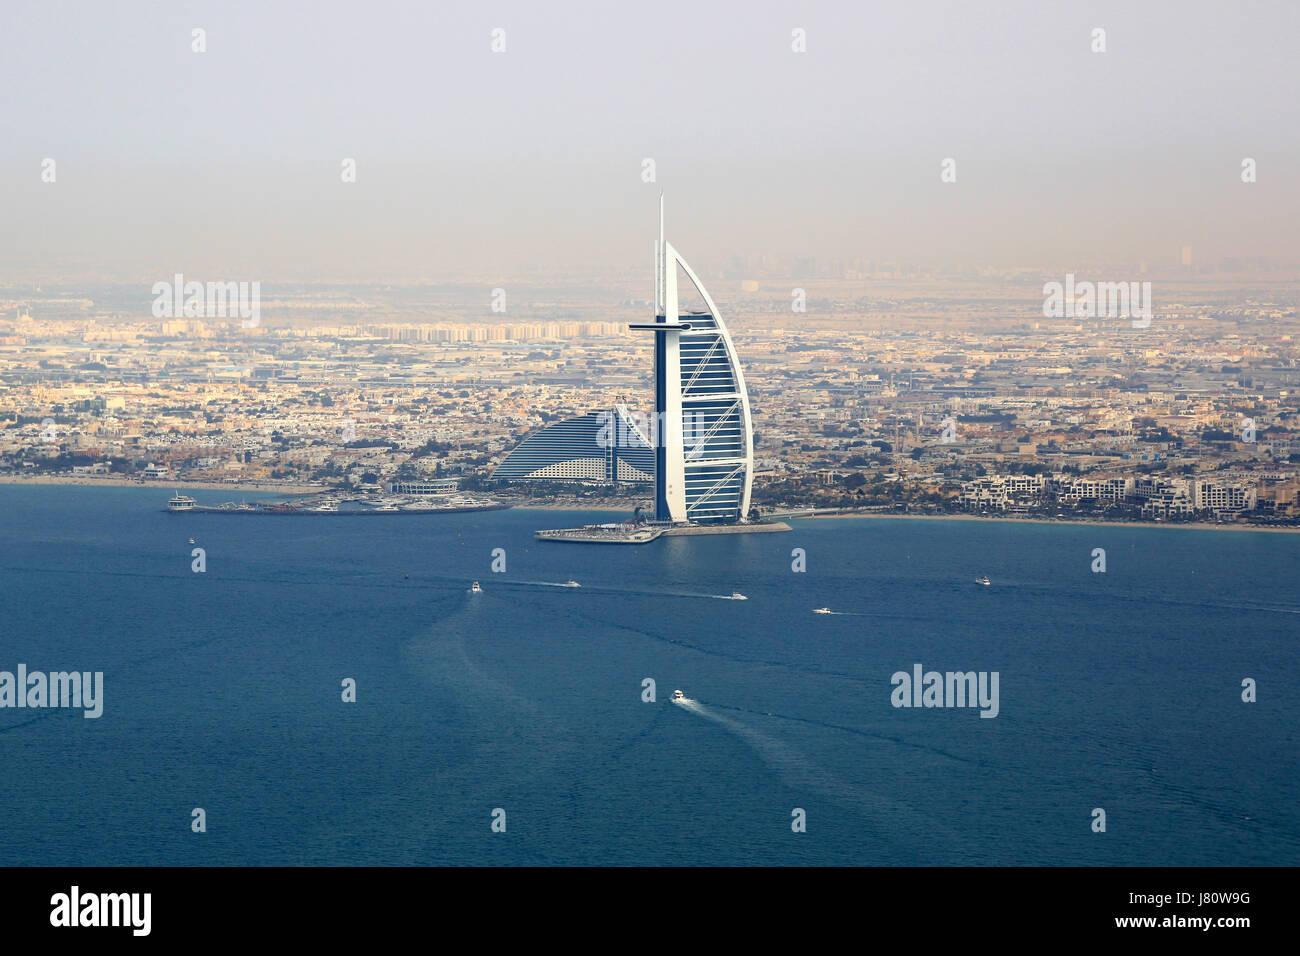 Dubai Burj Al Arab Hotel Meer Luftbild Fotografie Vereinigte Arabische Emirate Stockbild